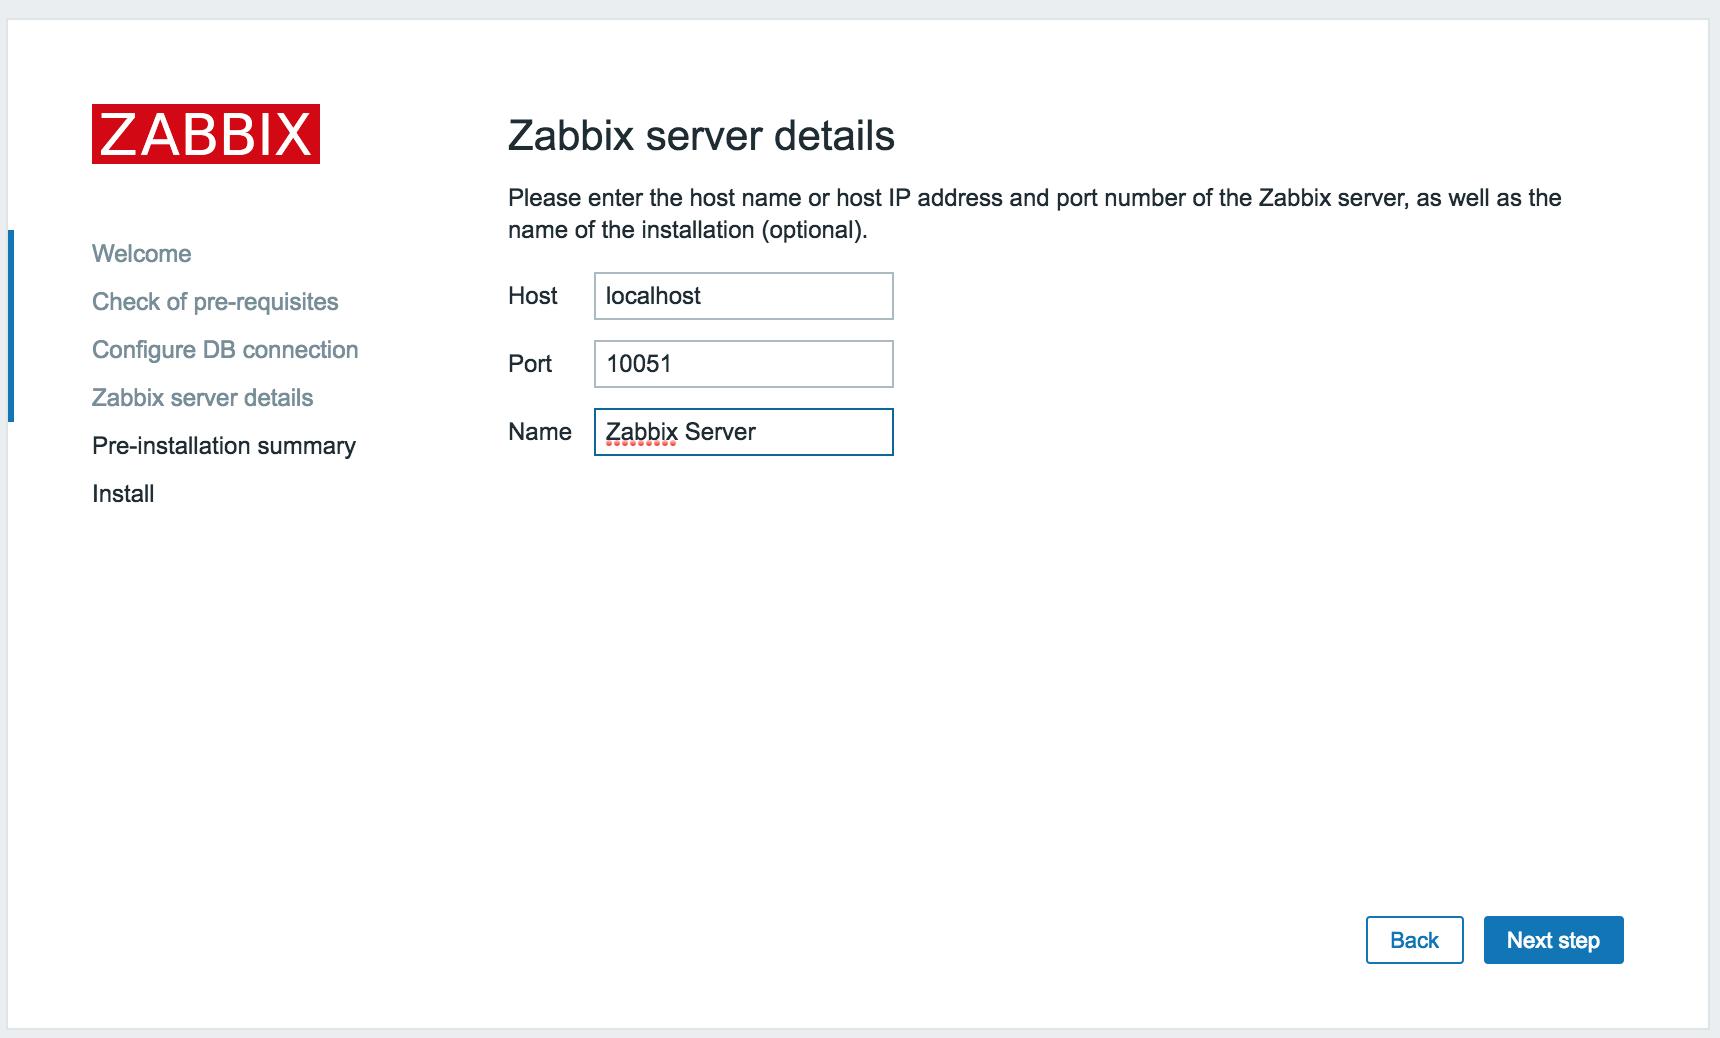 Имя и порт сервера